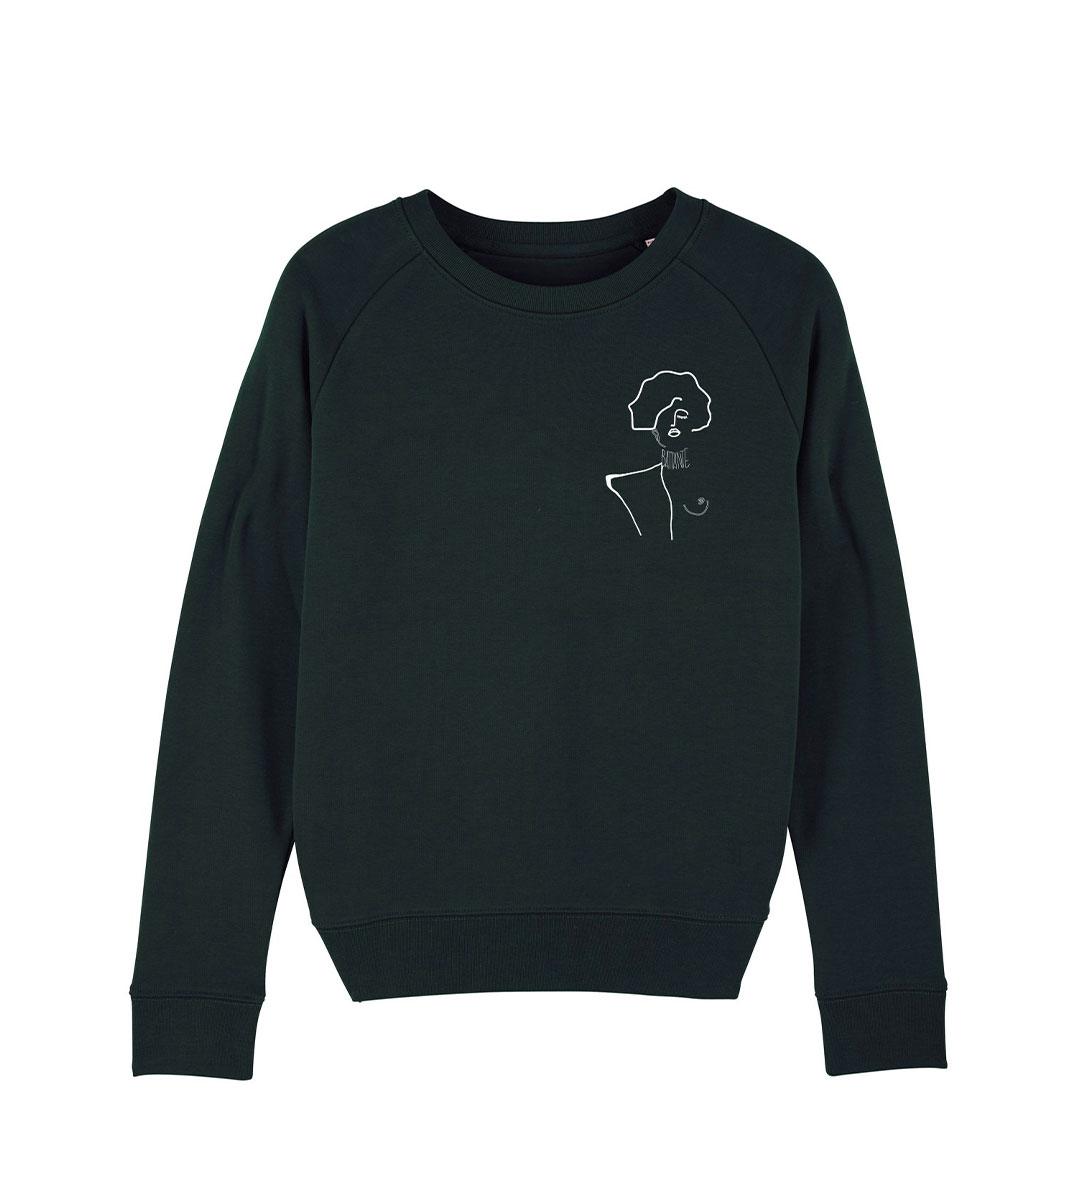 mockup d'un sweatshirt noir en coton bio, sur ce tshirt il y a un dessin artistique qui représente une oeuvre de Gustav Klimt